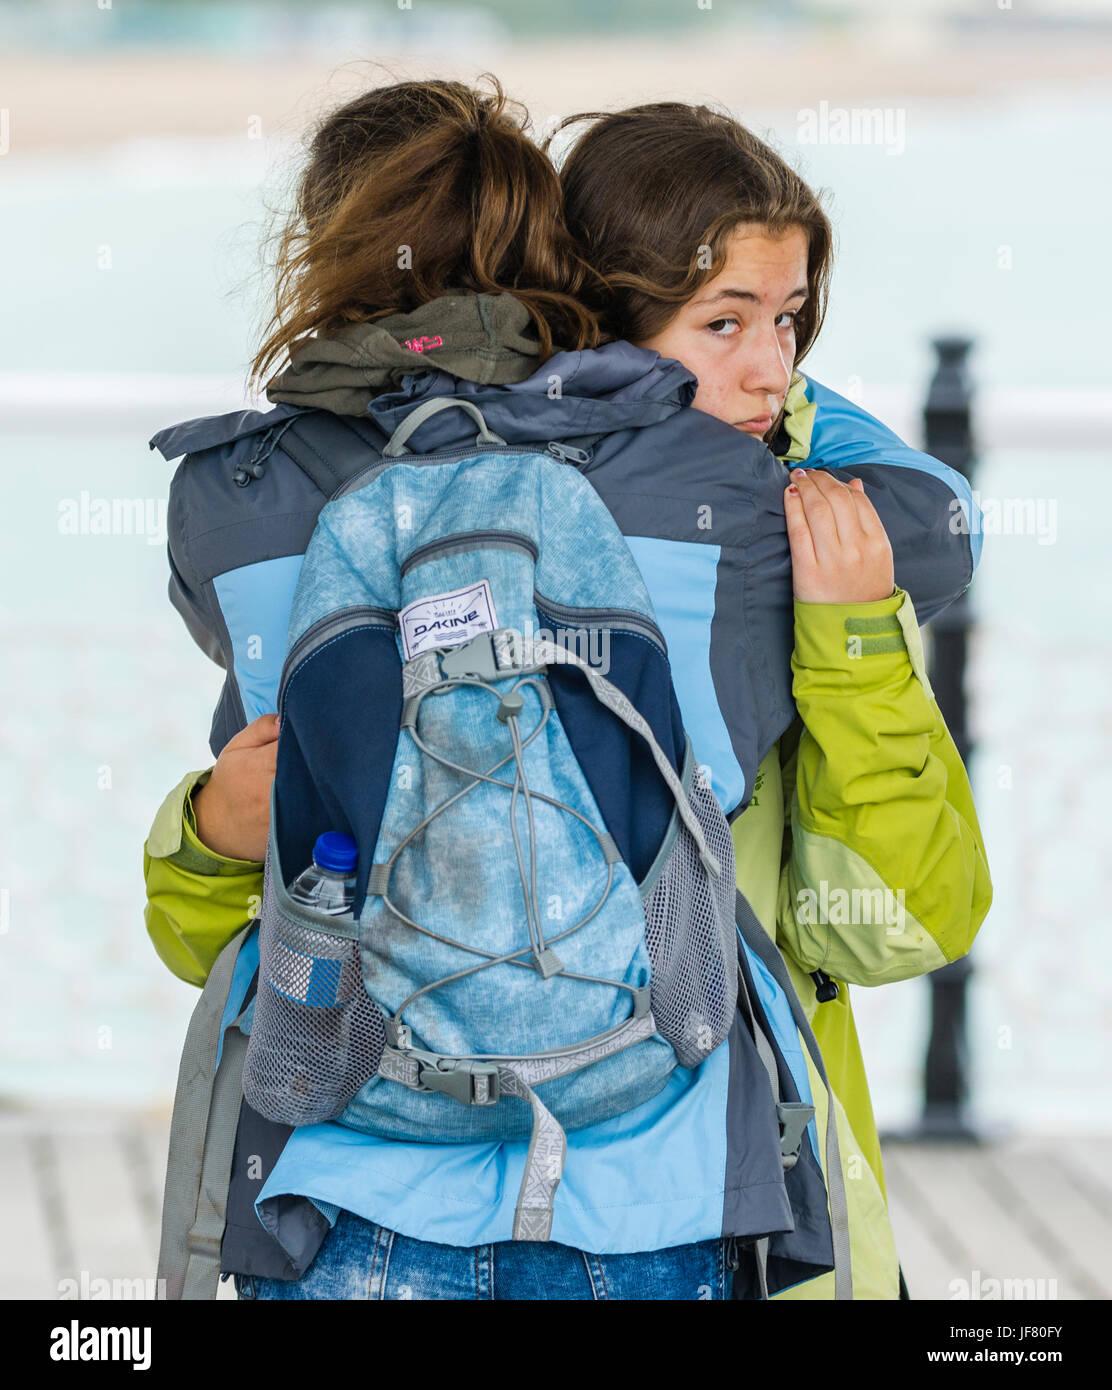 Las niñas abrazarse. Las niñas con un abrazo de consuelo como uno de ellos spots el fotógrafo. Imagen De Stock